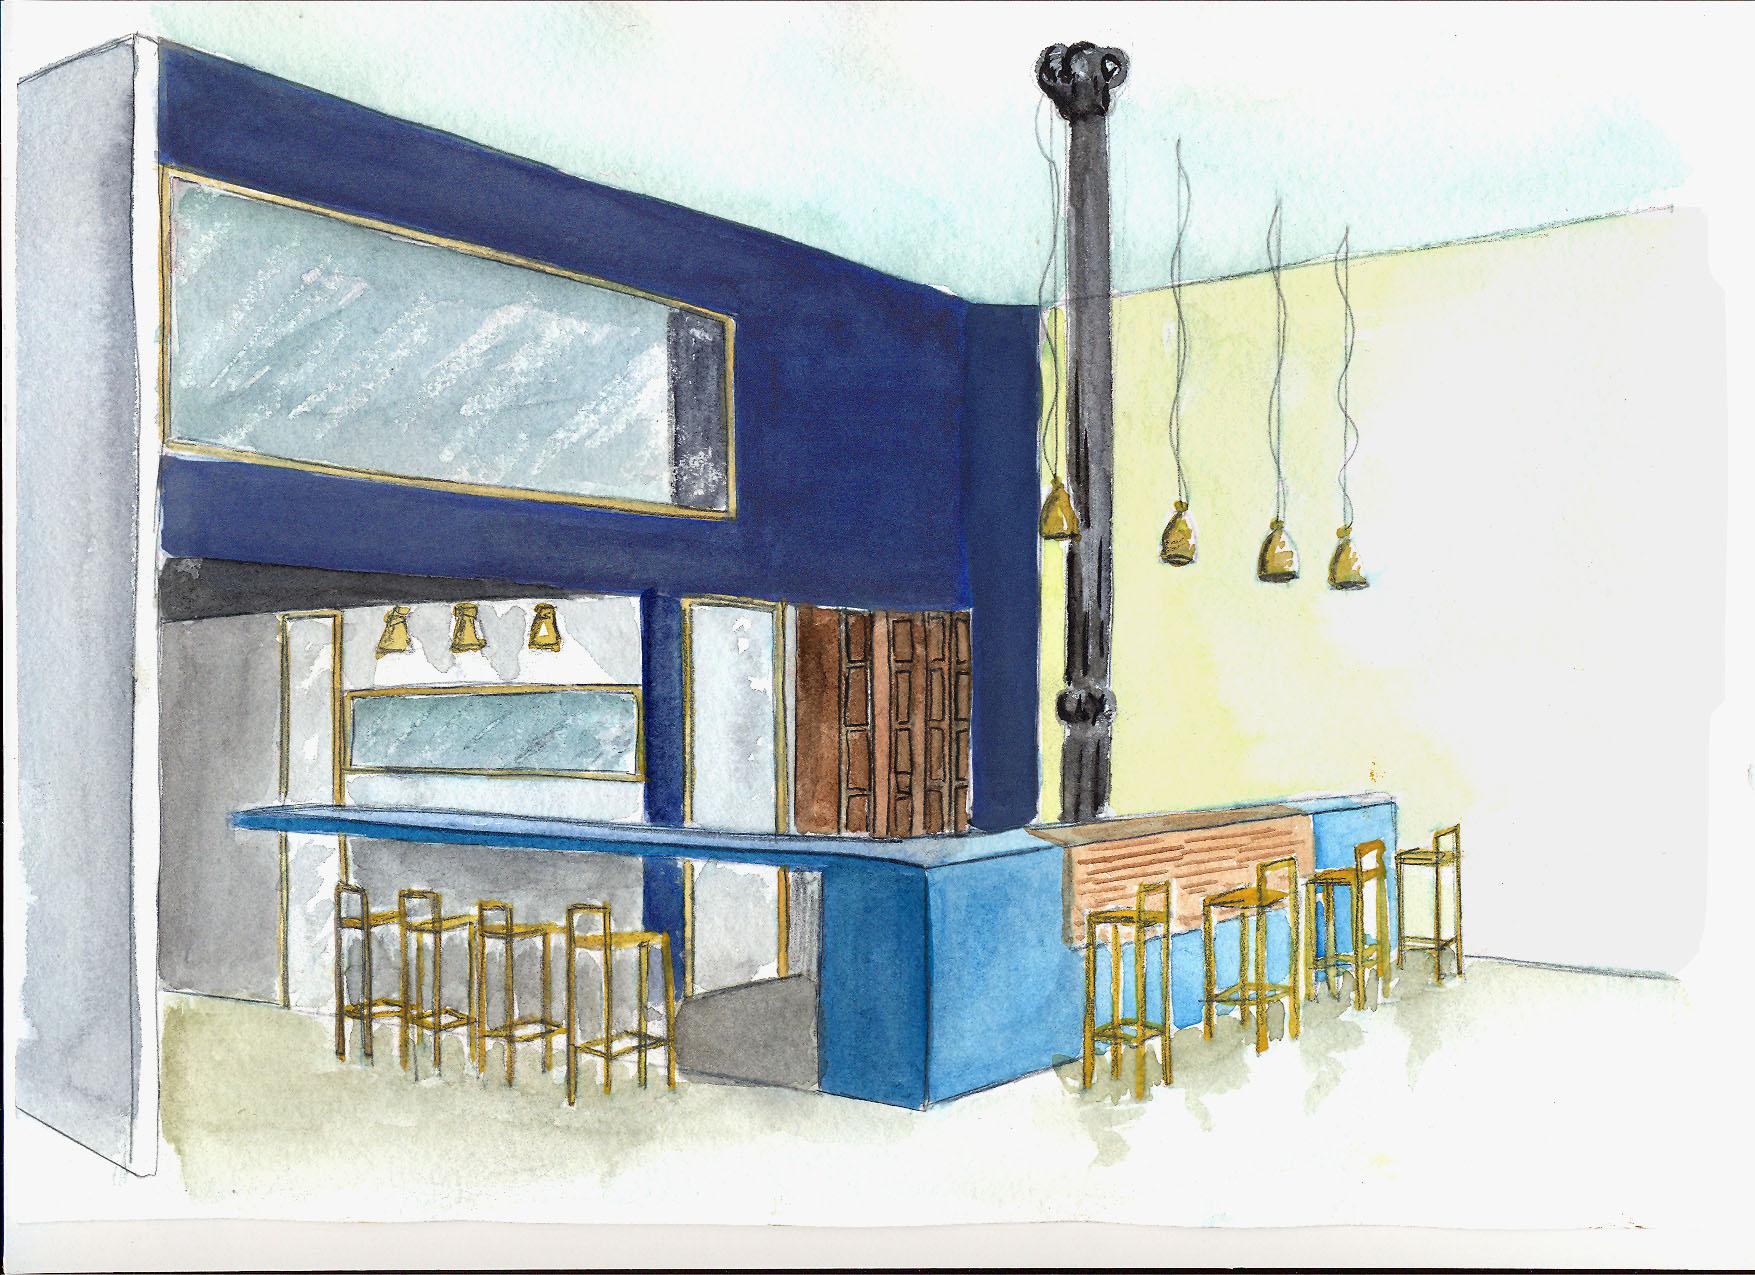 Dise o interior arquitecto de interiores for Diseno de interiores fadu